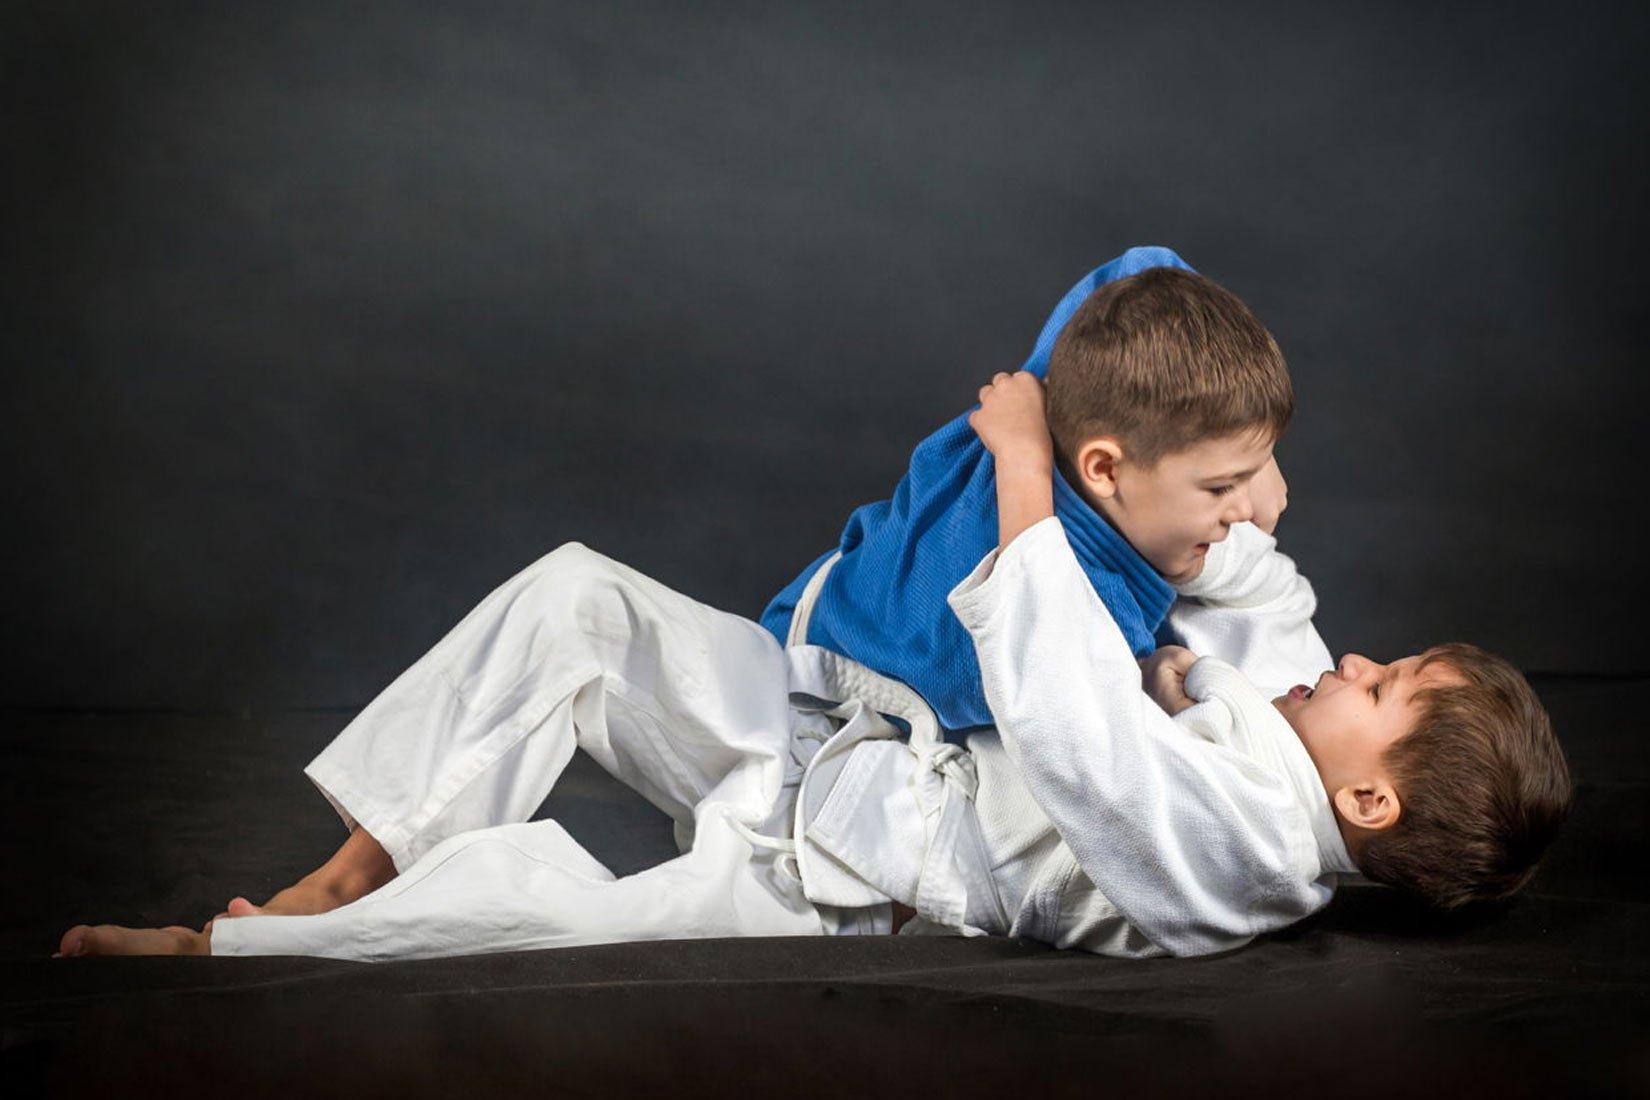 Bajka o wielkiej przygodzie rodziców ze sportem dziecka